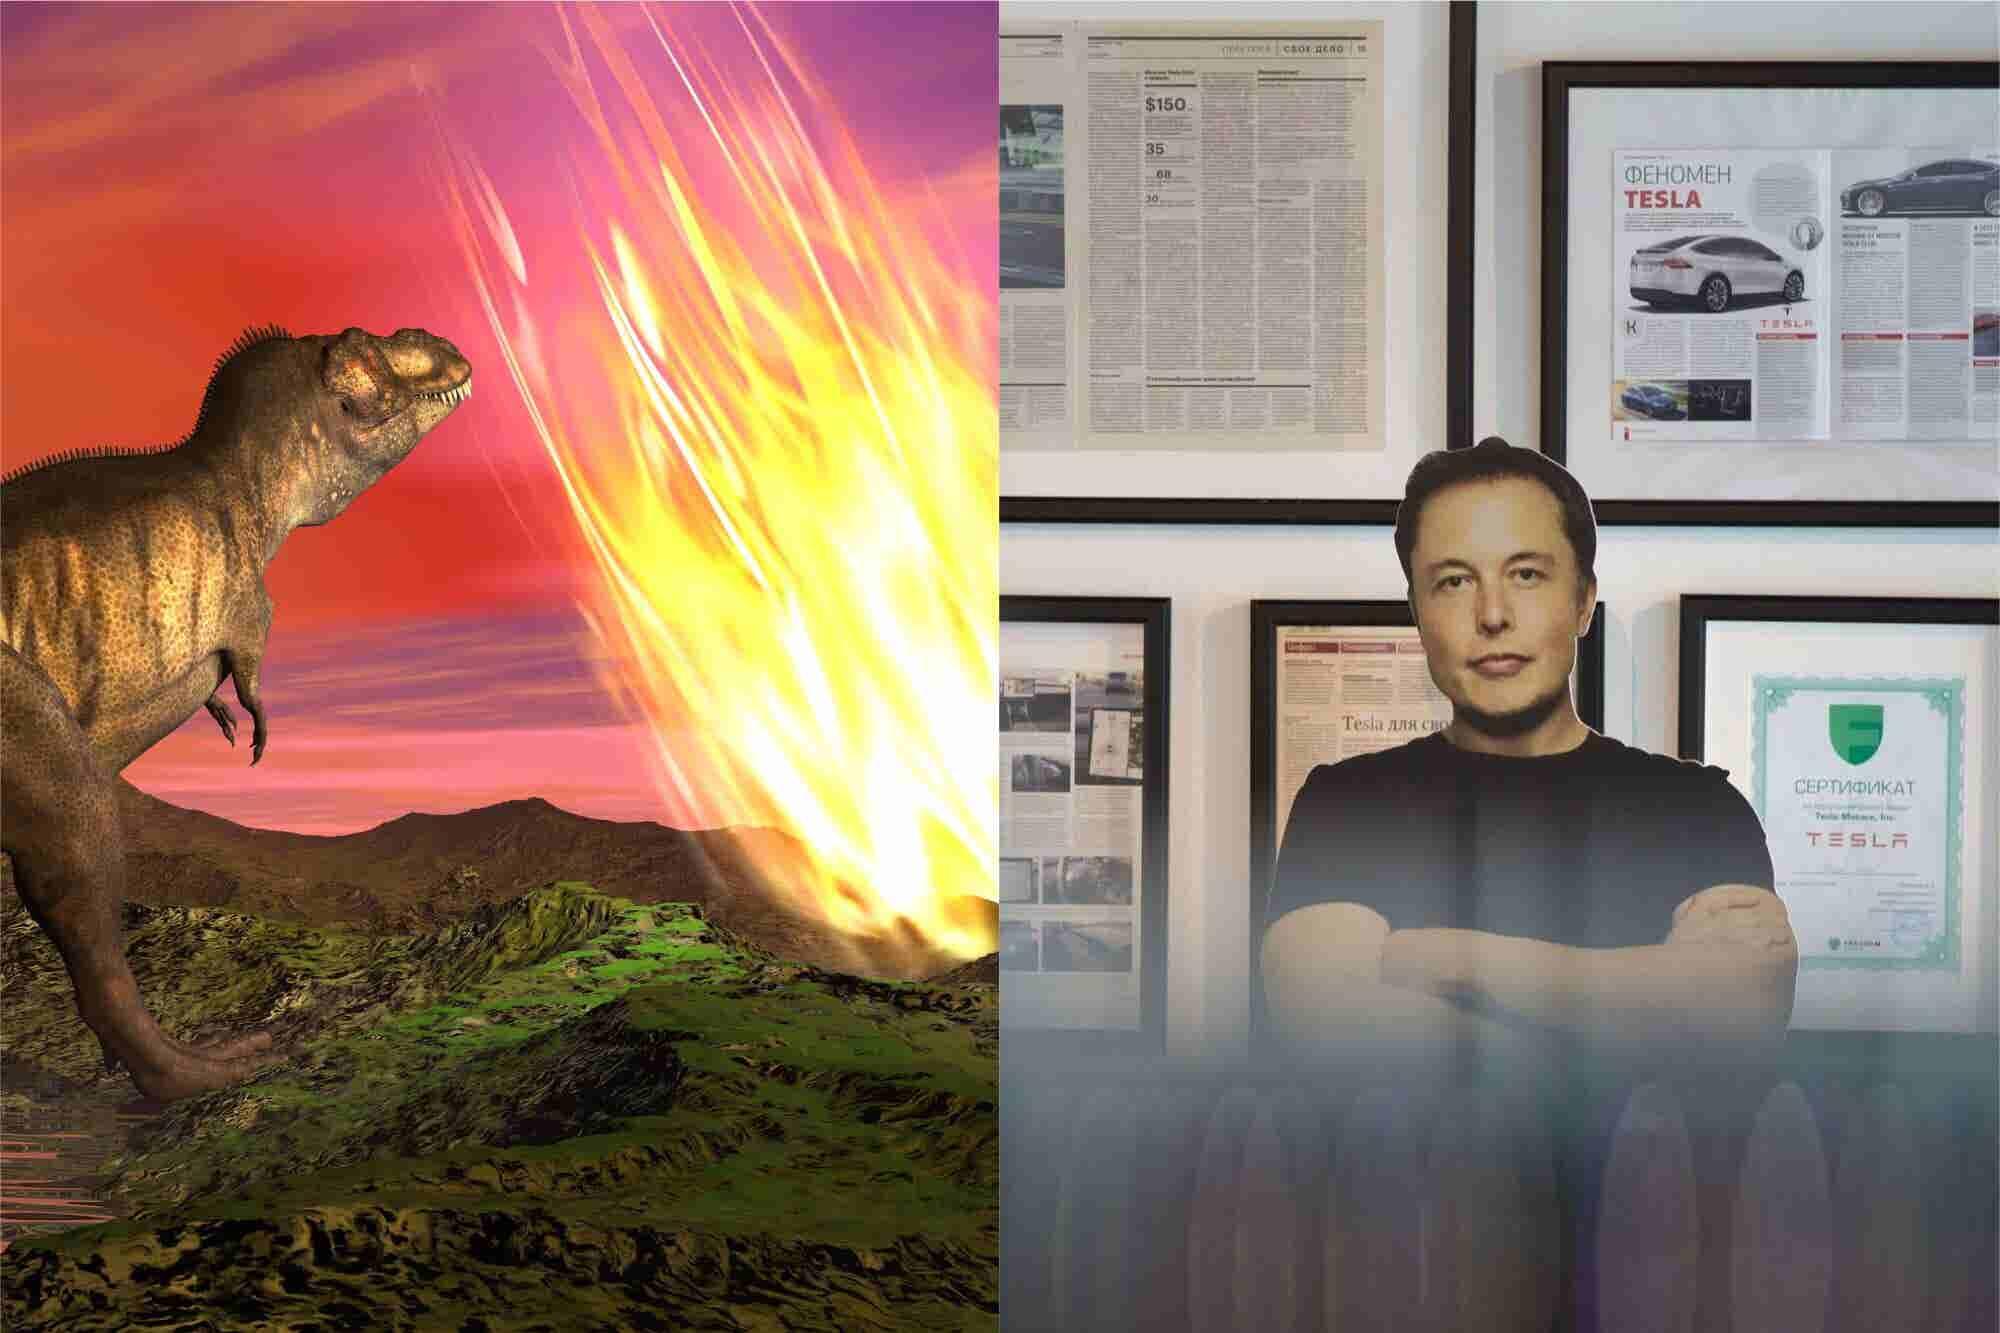 Como en Armageddon: Elon Musk recibe 69 millones de dólares de la NASA para destruir asteroides